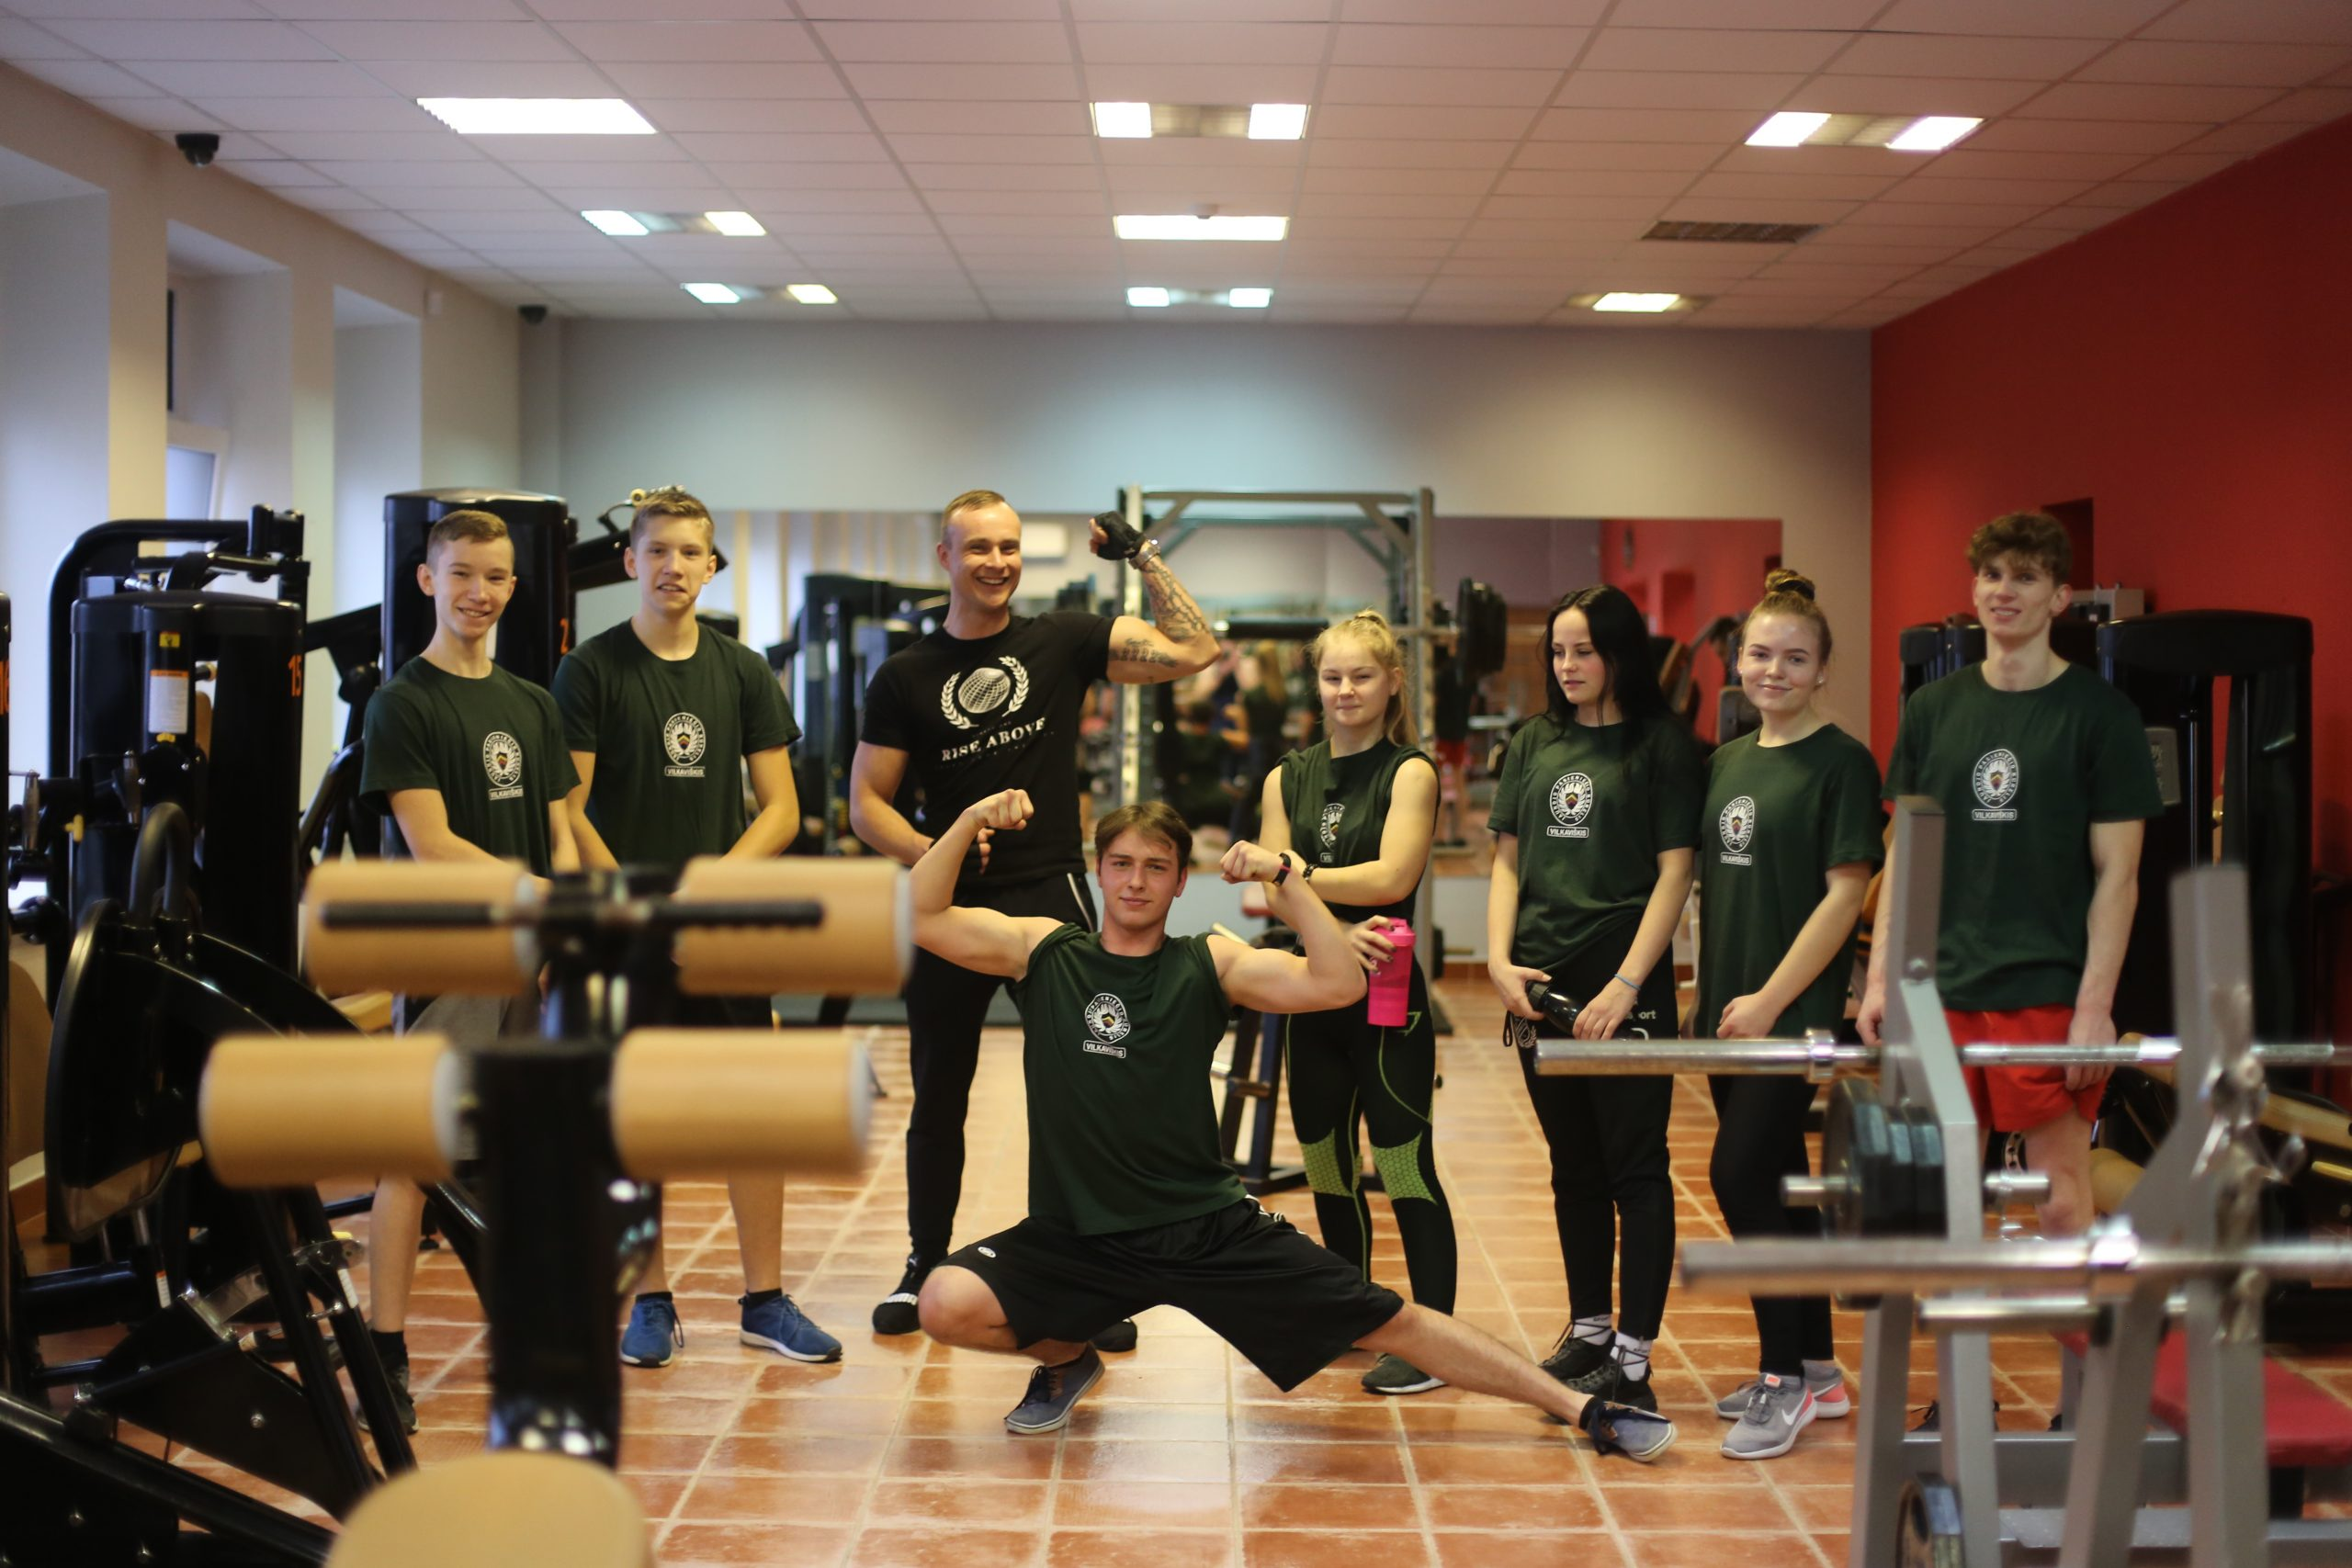 Vilkaviškio JPB nariai propaguoja sveiką gyvenimo būdą